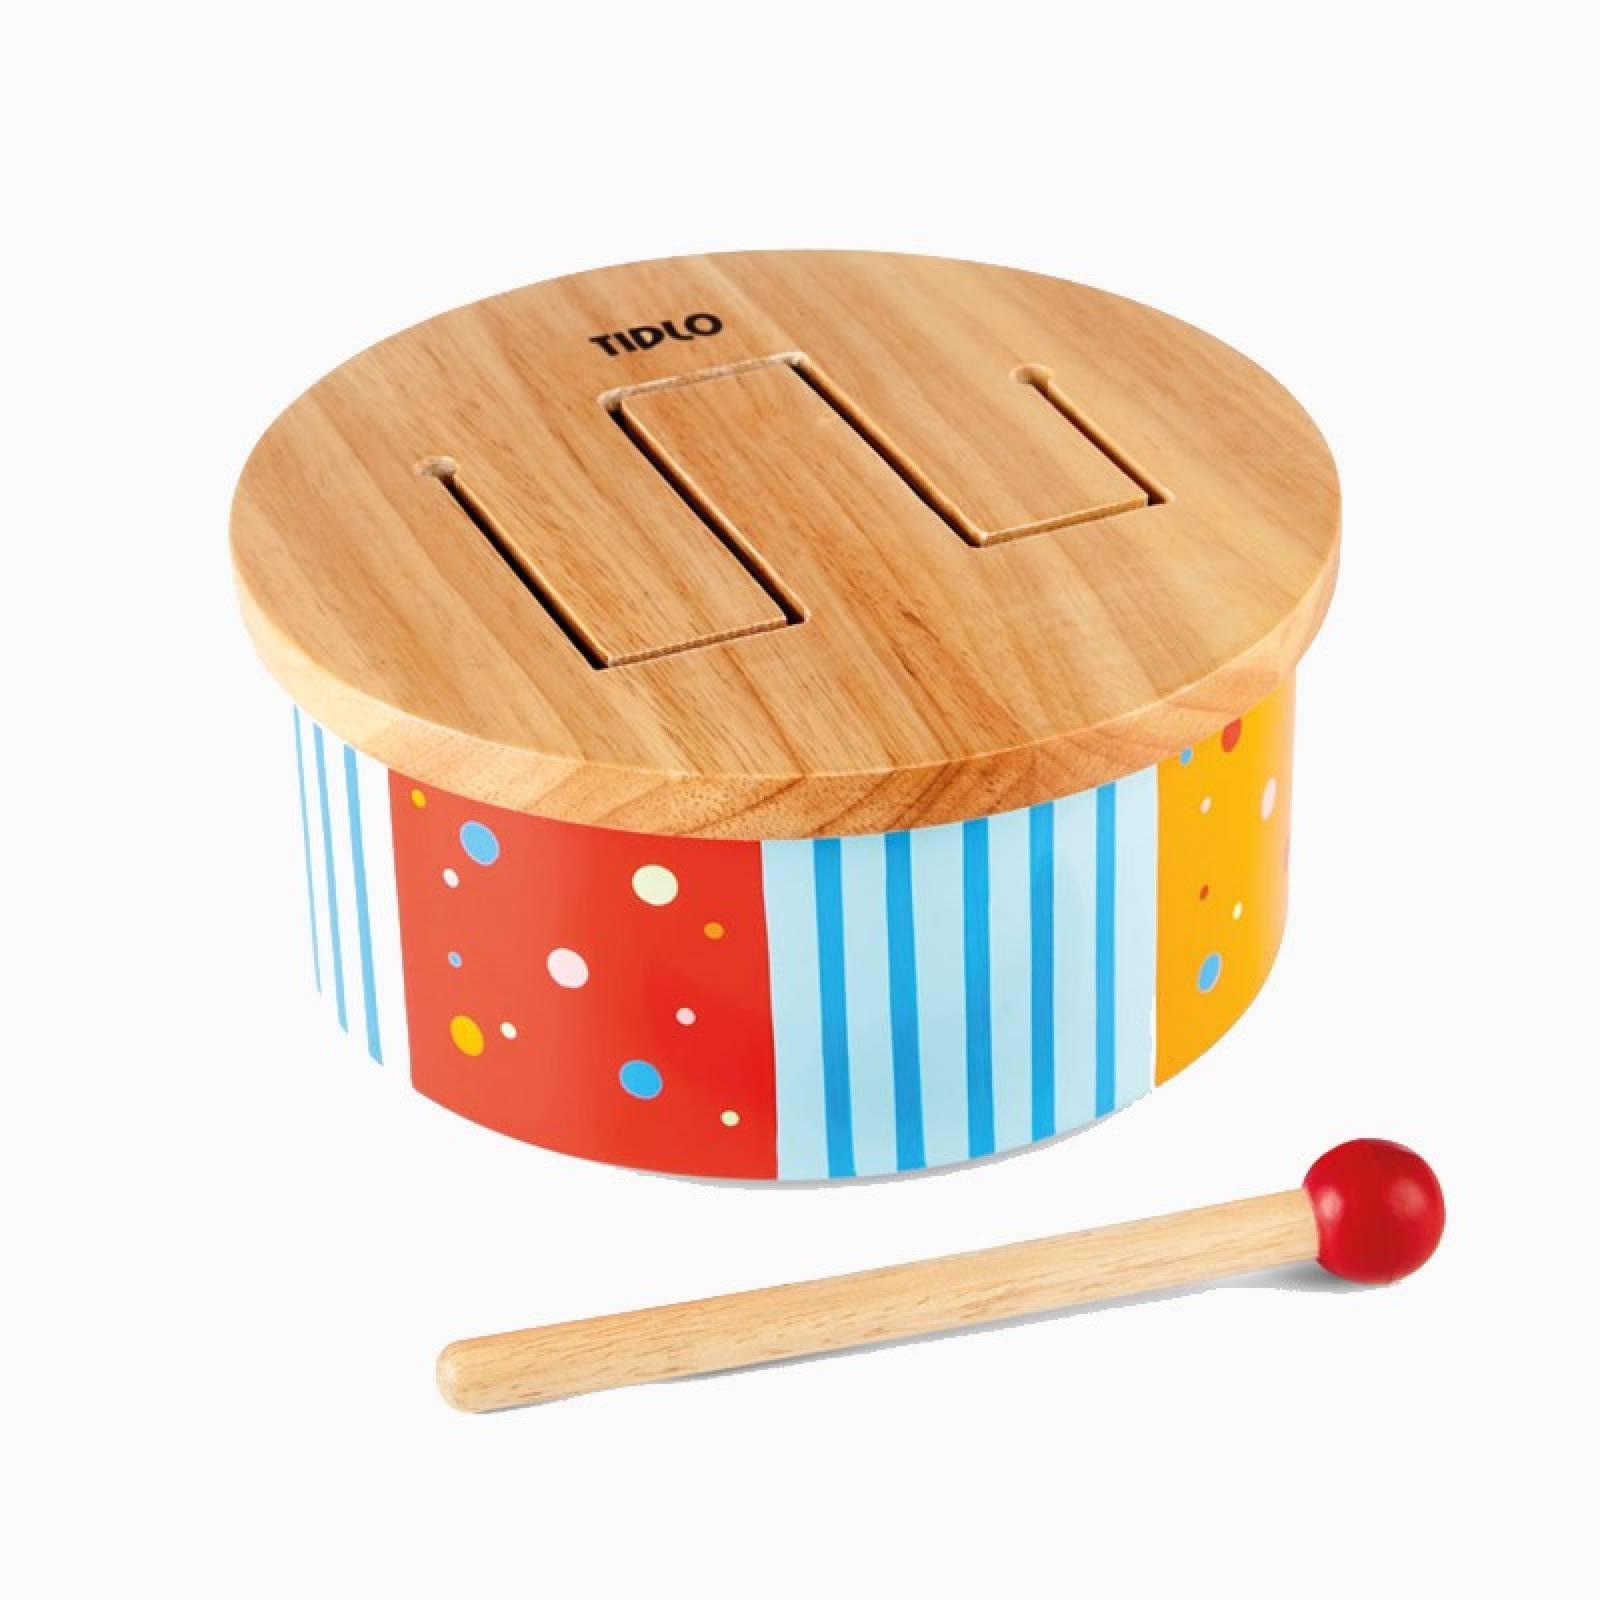 Wooden Rainbow Drum Musical Instrument 1+